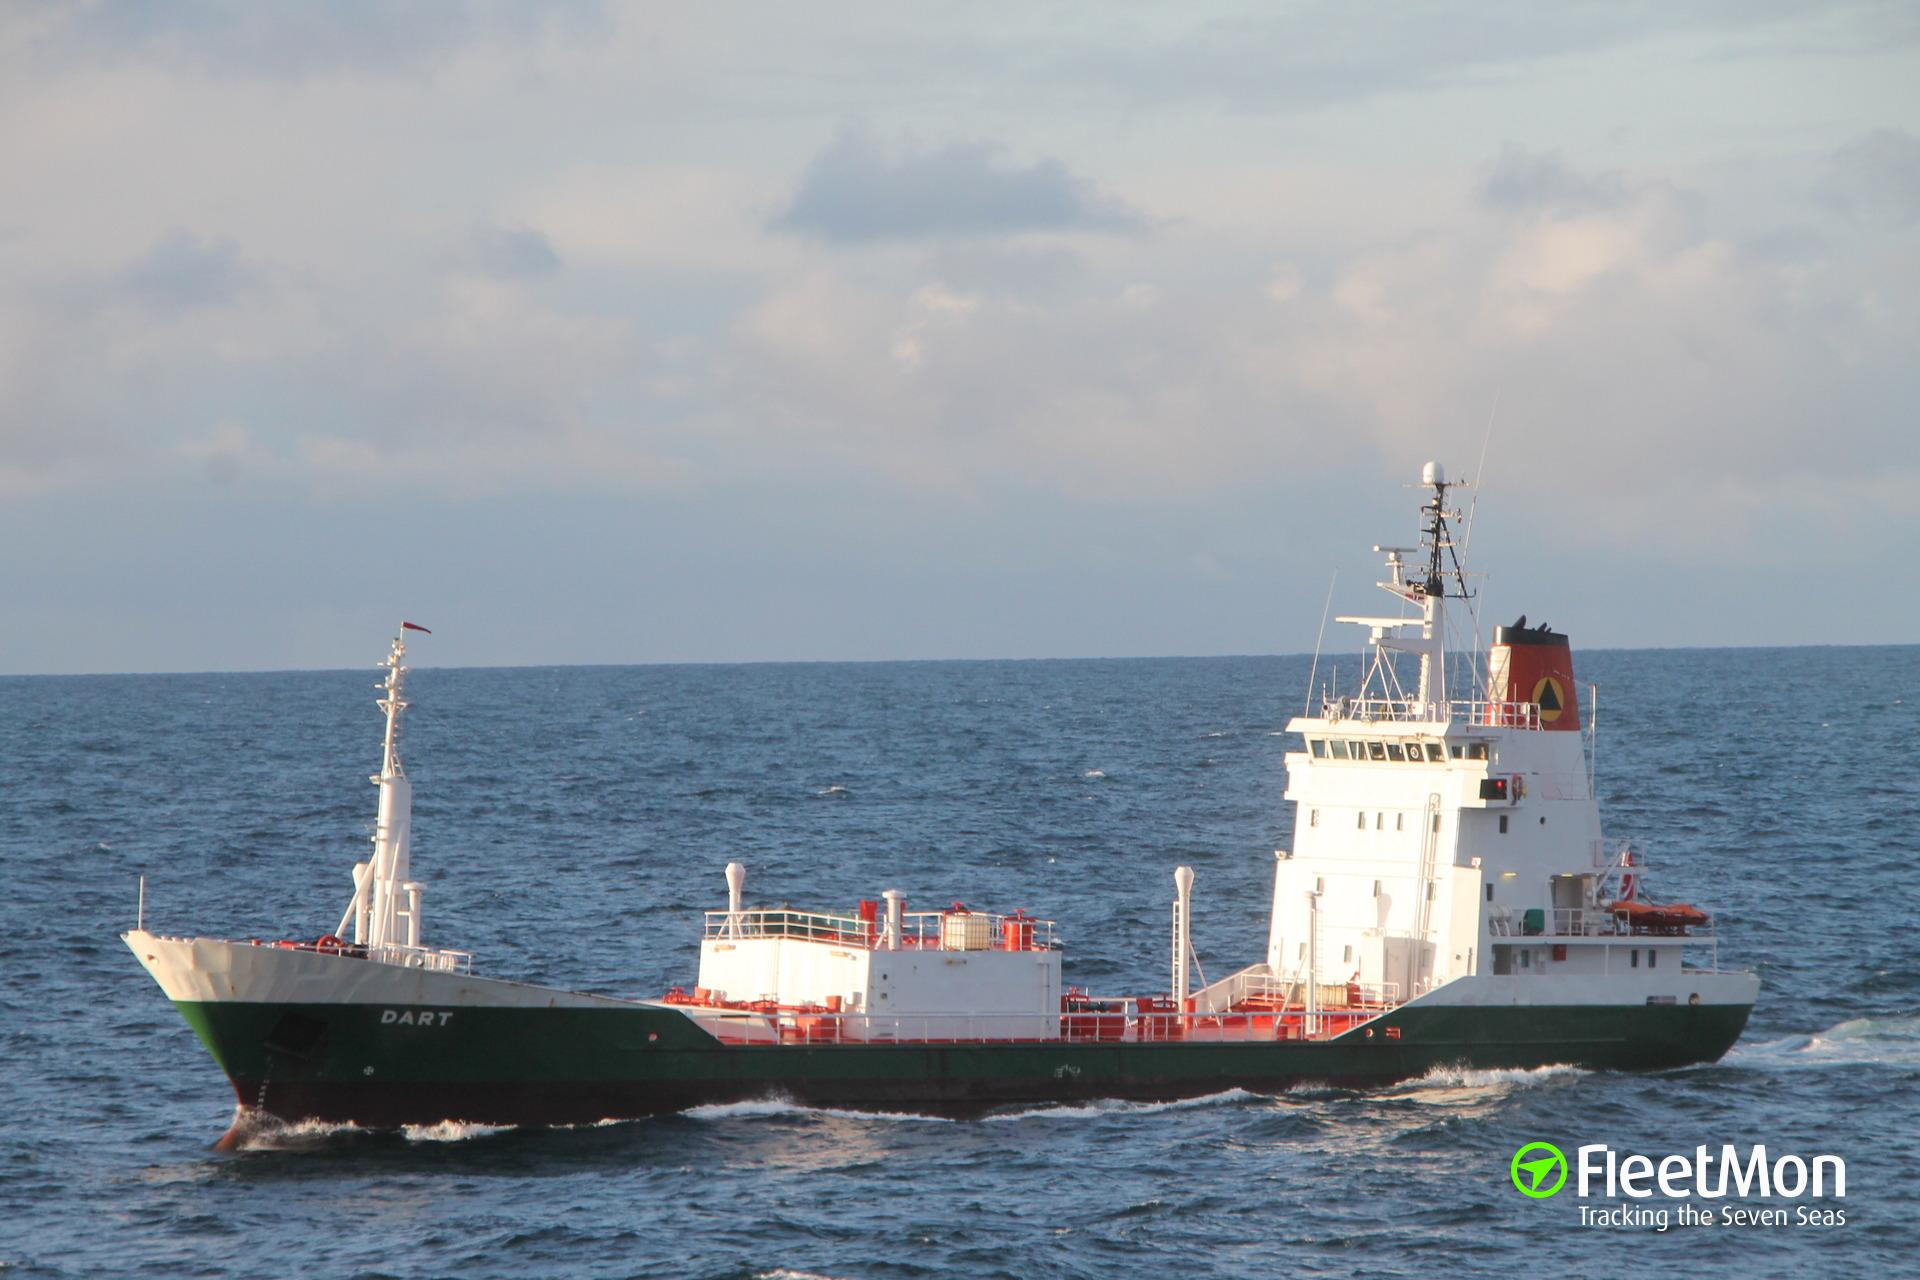 WDV Dart aground, Norway